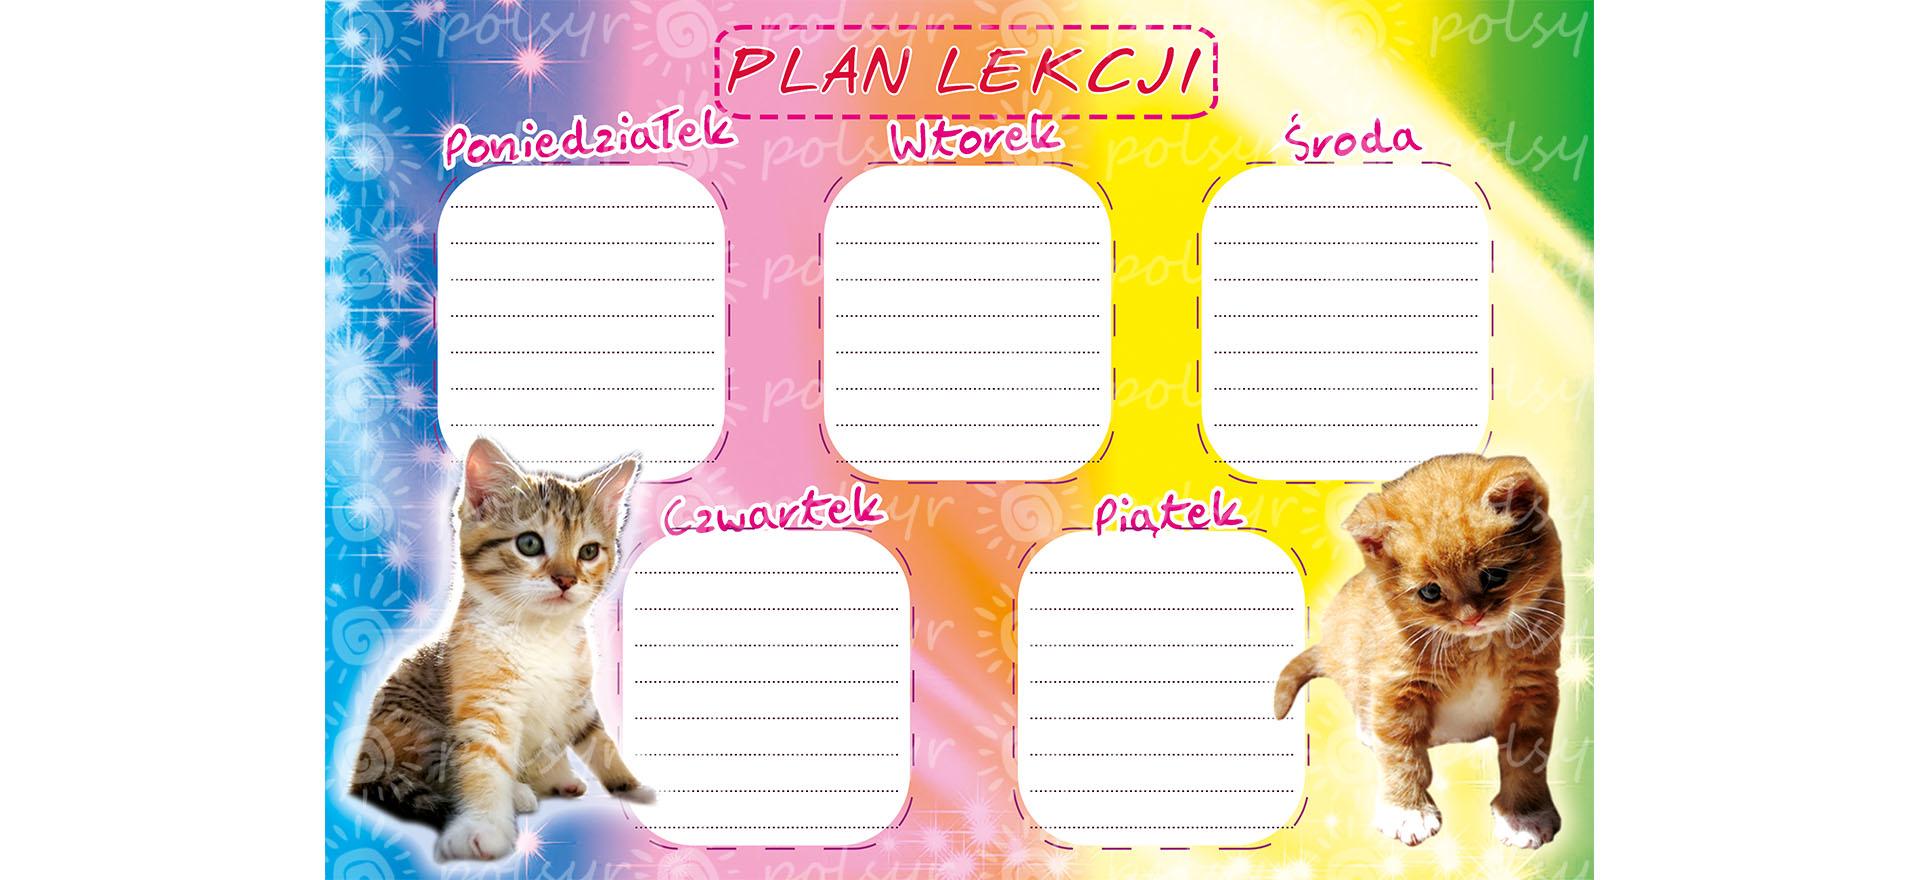 plan_lekcji-duzy-polsyr-10